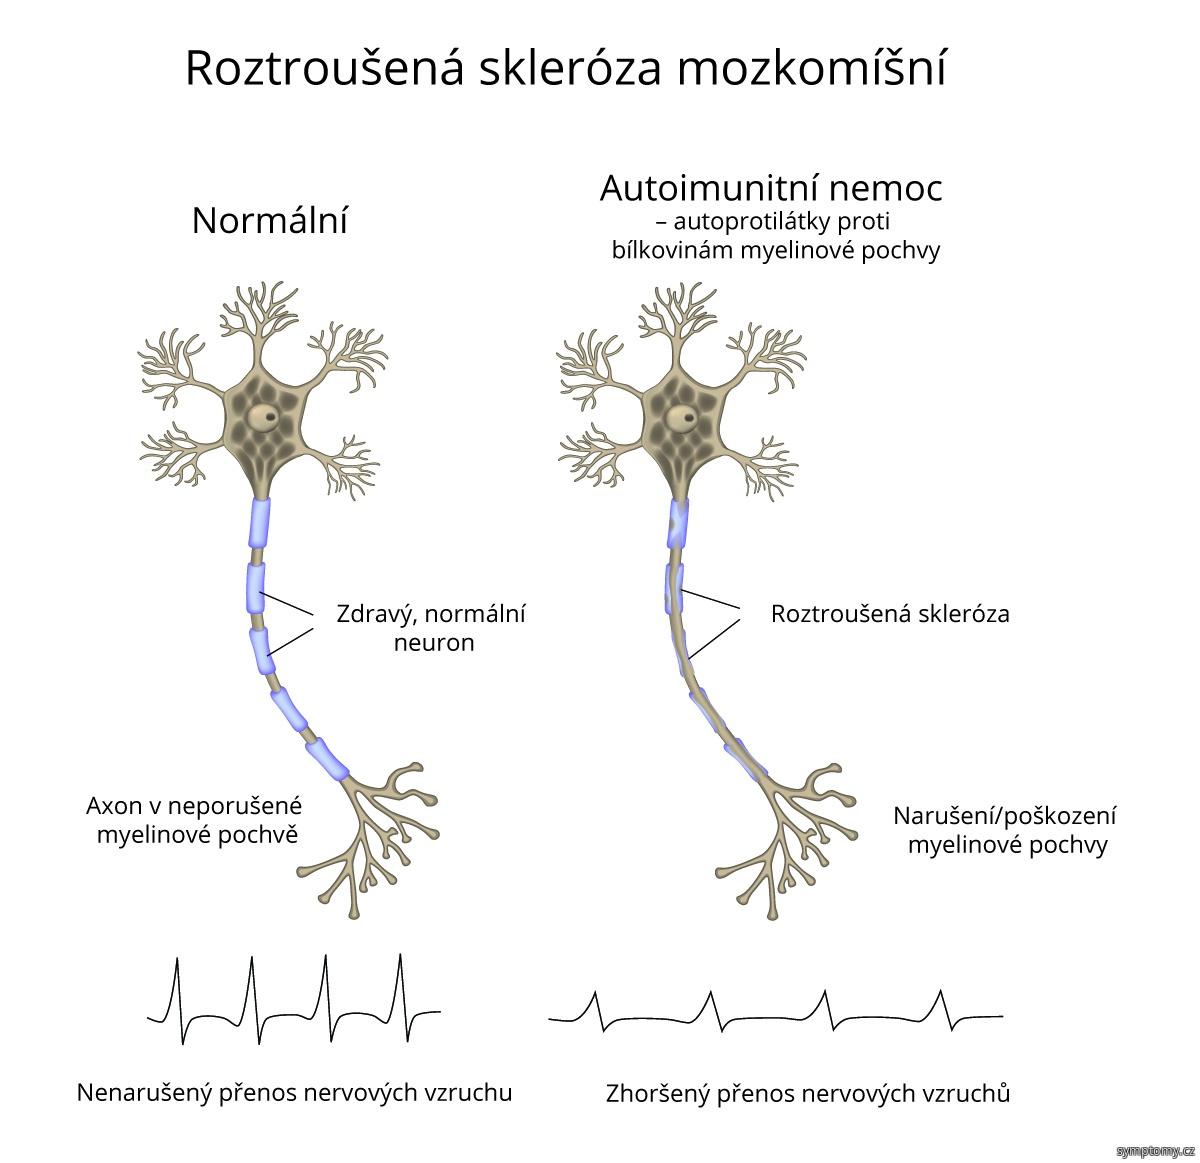 Roztroušená skleróza mozkomíšní